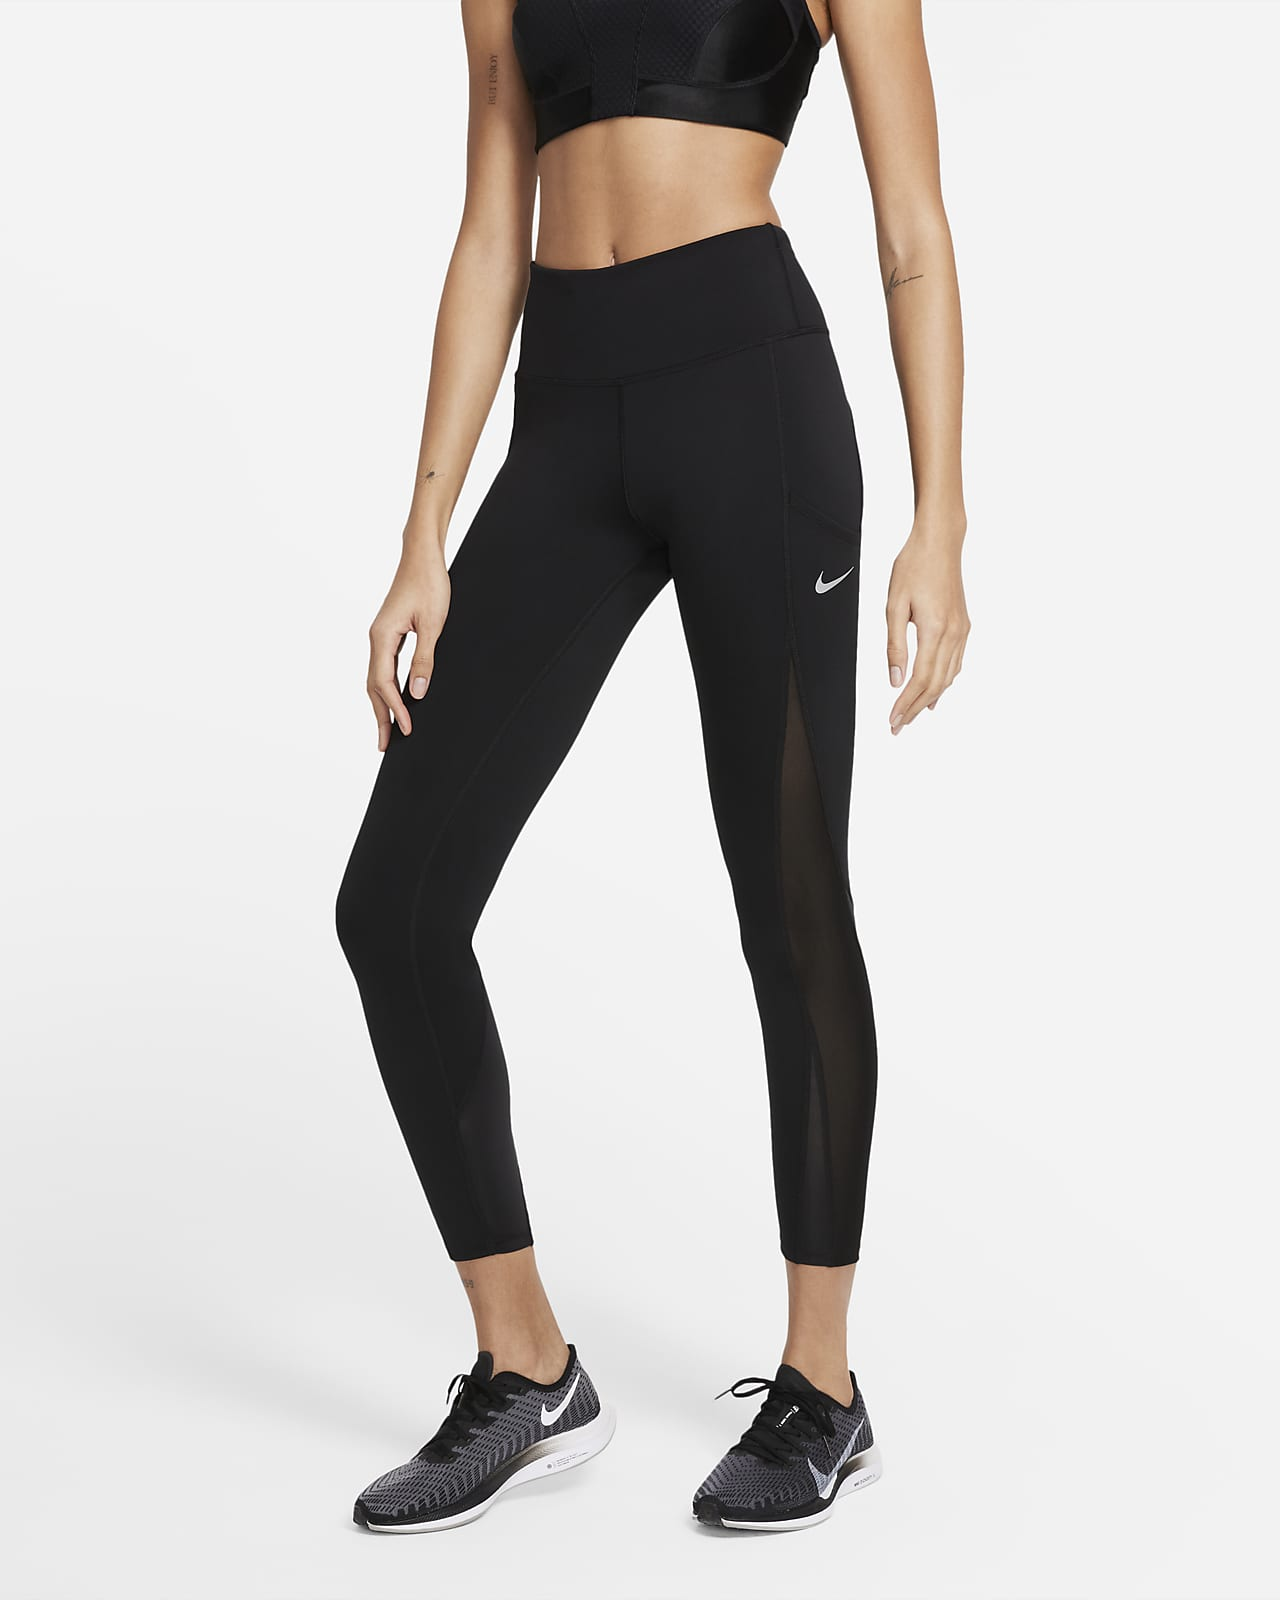 Nike Epic Luxe Cool løpeleggings i 7/8 lengde med mellomhøyt liv til dame